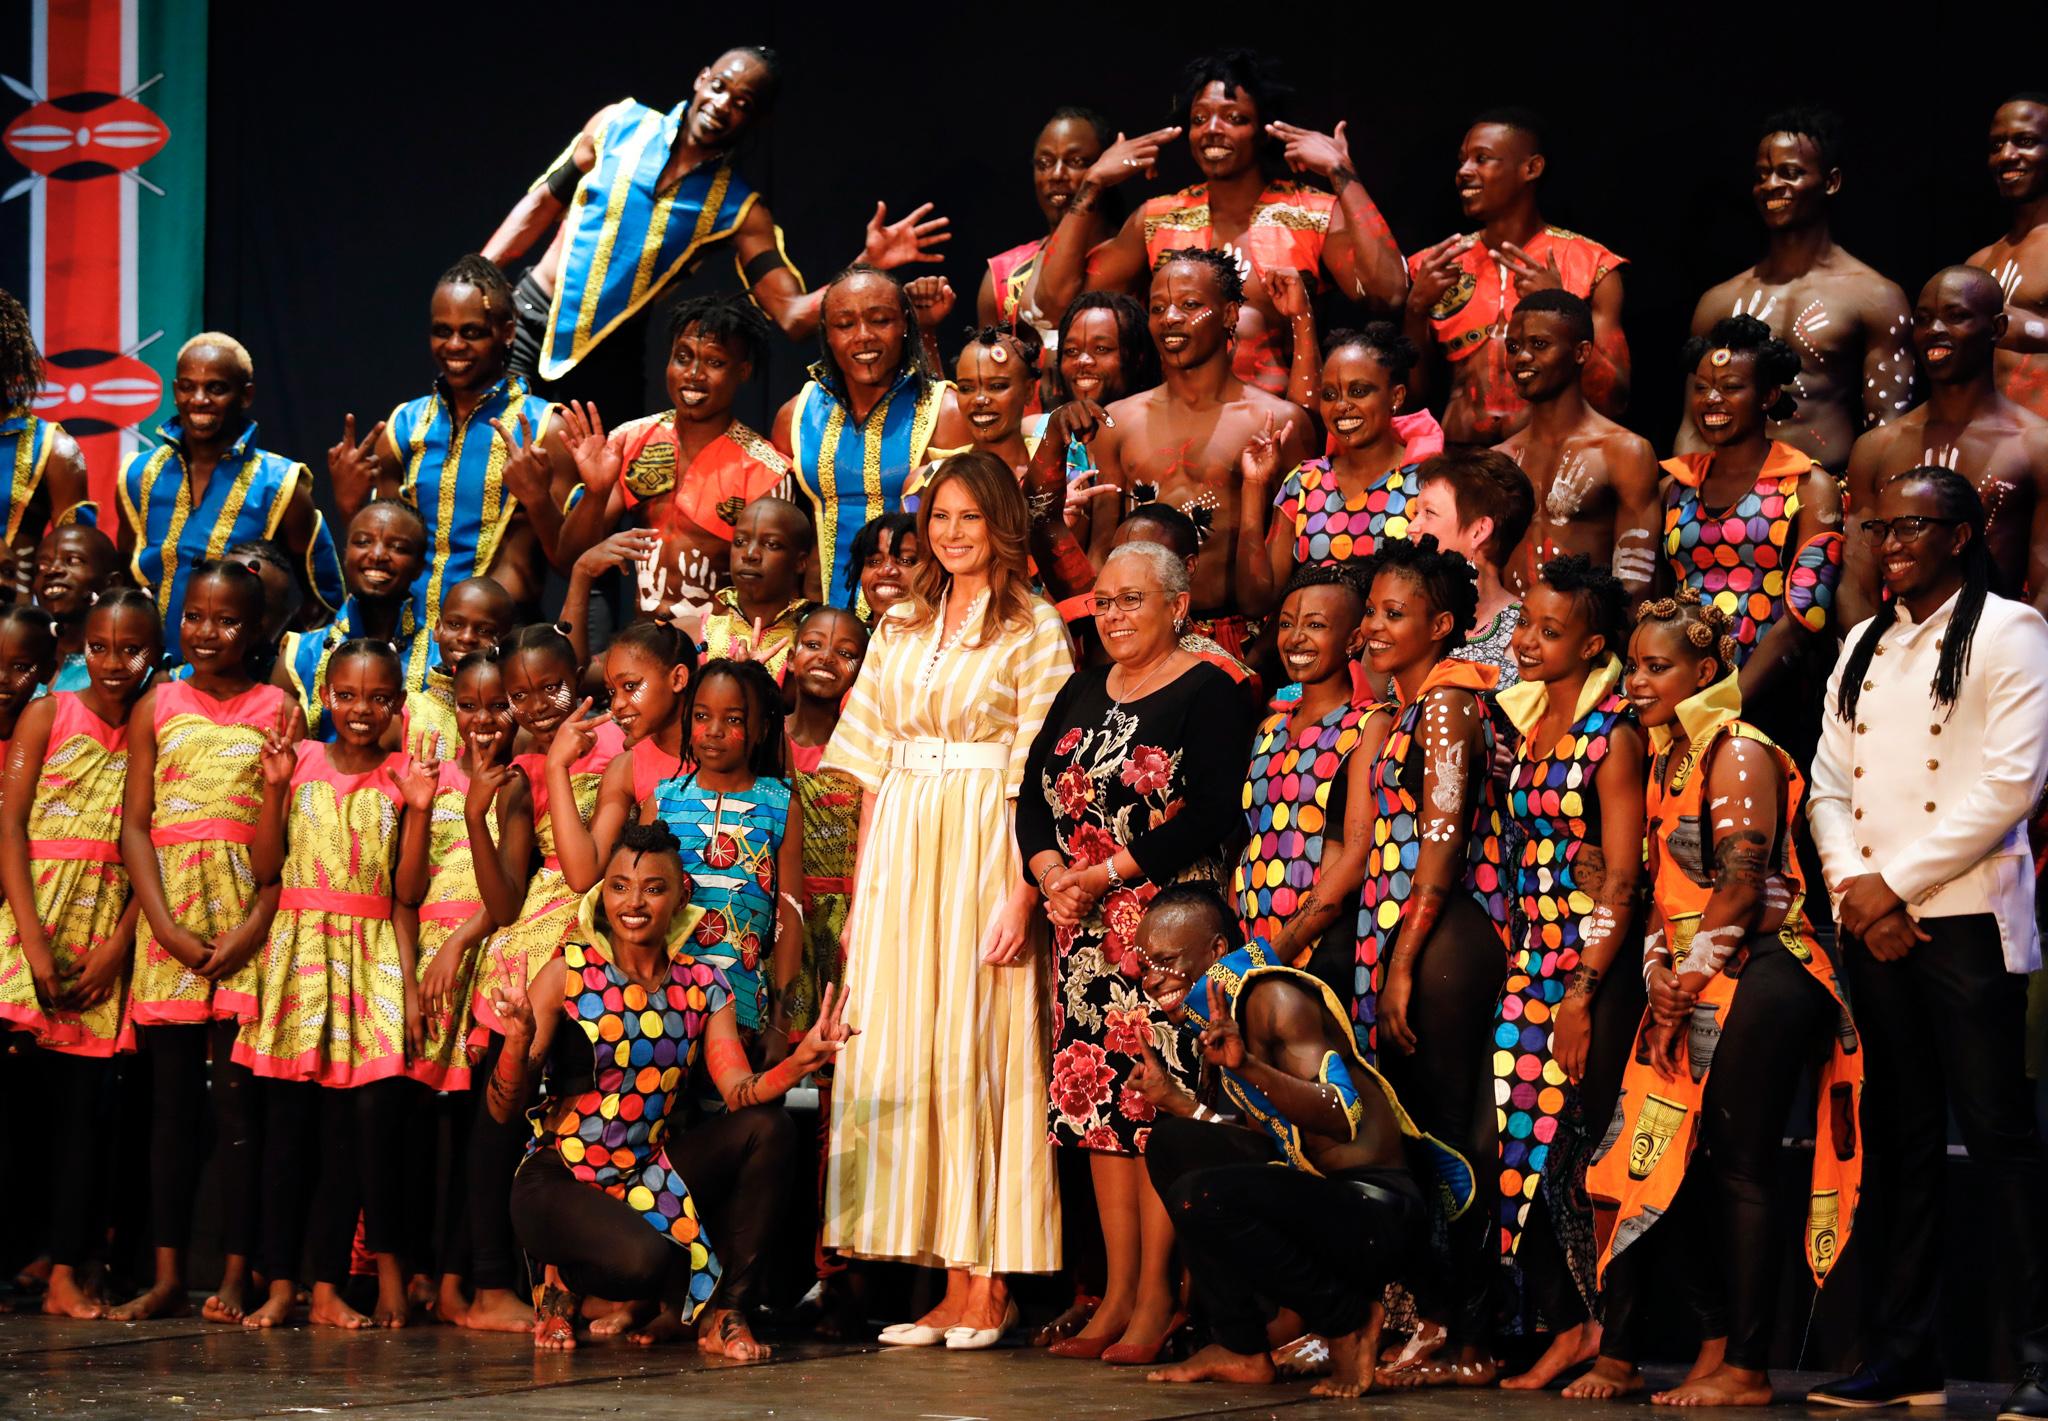 Melania Trump e Margaret Kenyatta em pé com dançarinos fantasiados (© Dai Kurokawa/AP Images)